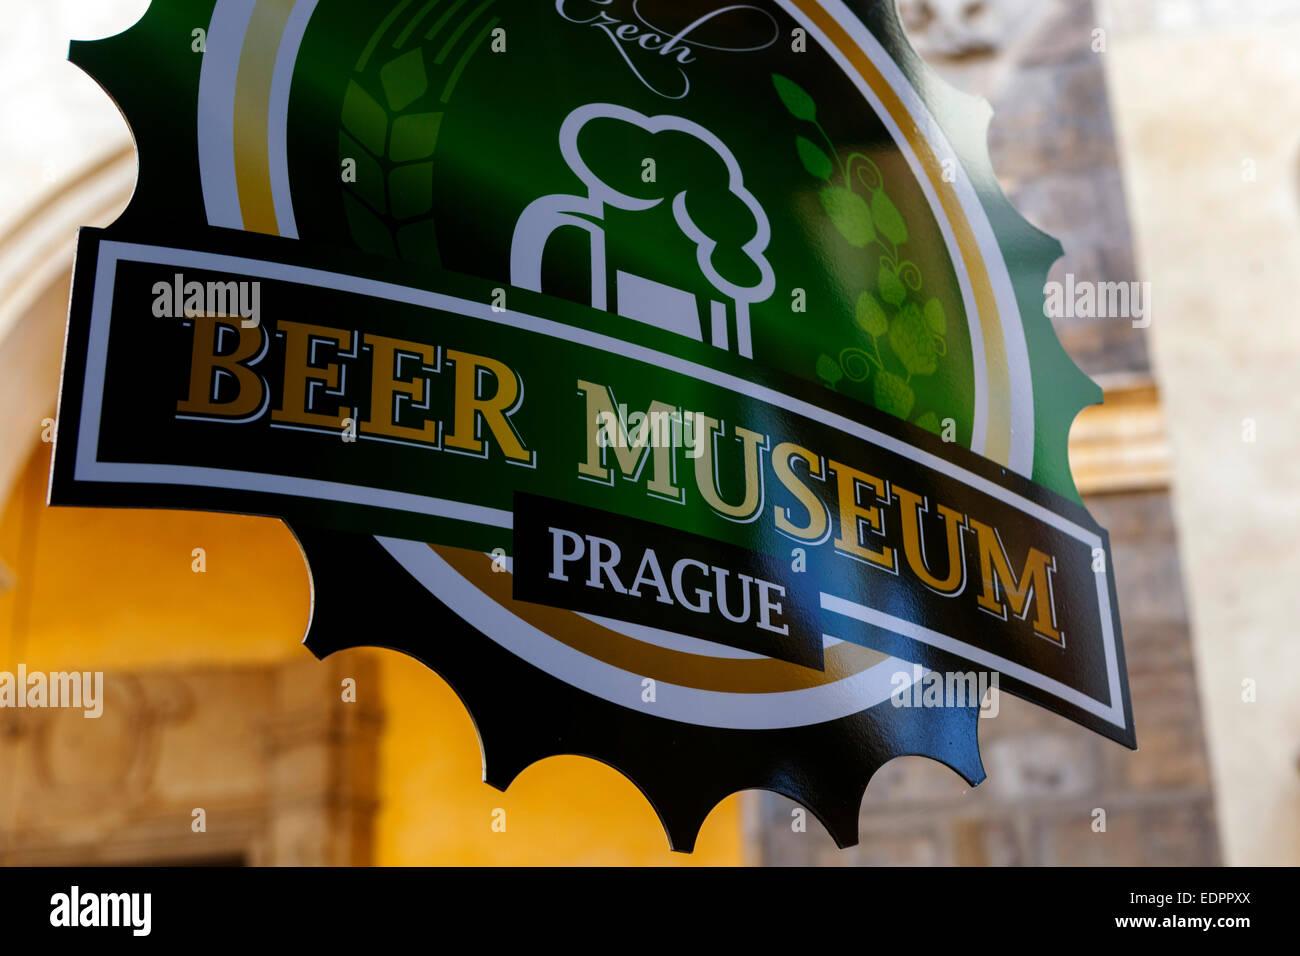 Prague Bar, unique pub sign, Czech Republic - Stock Image